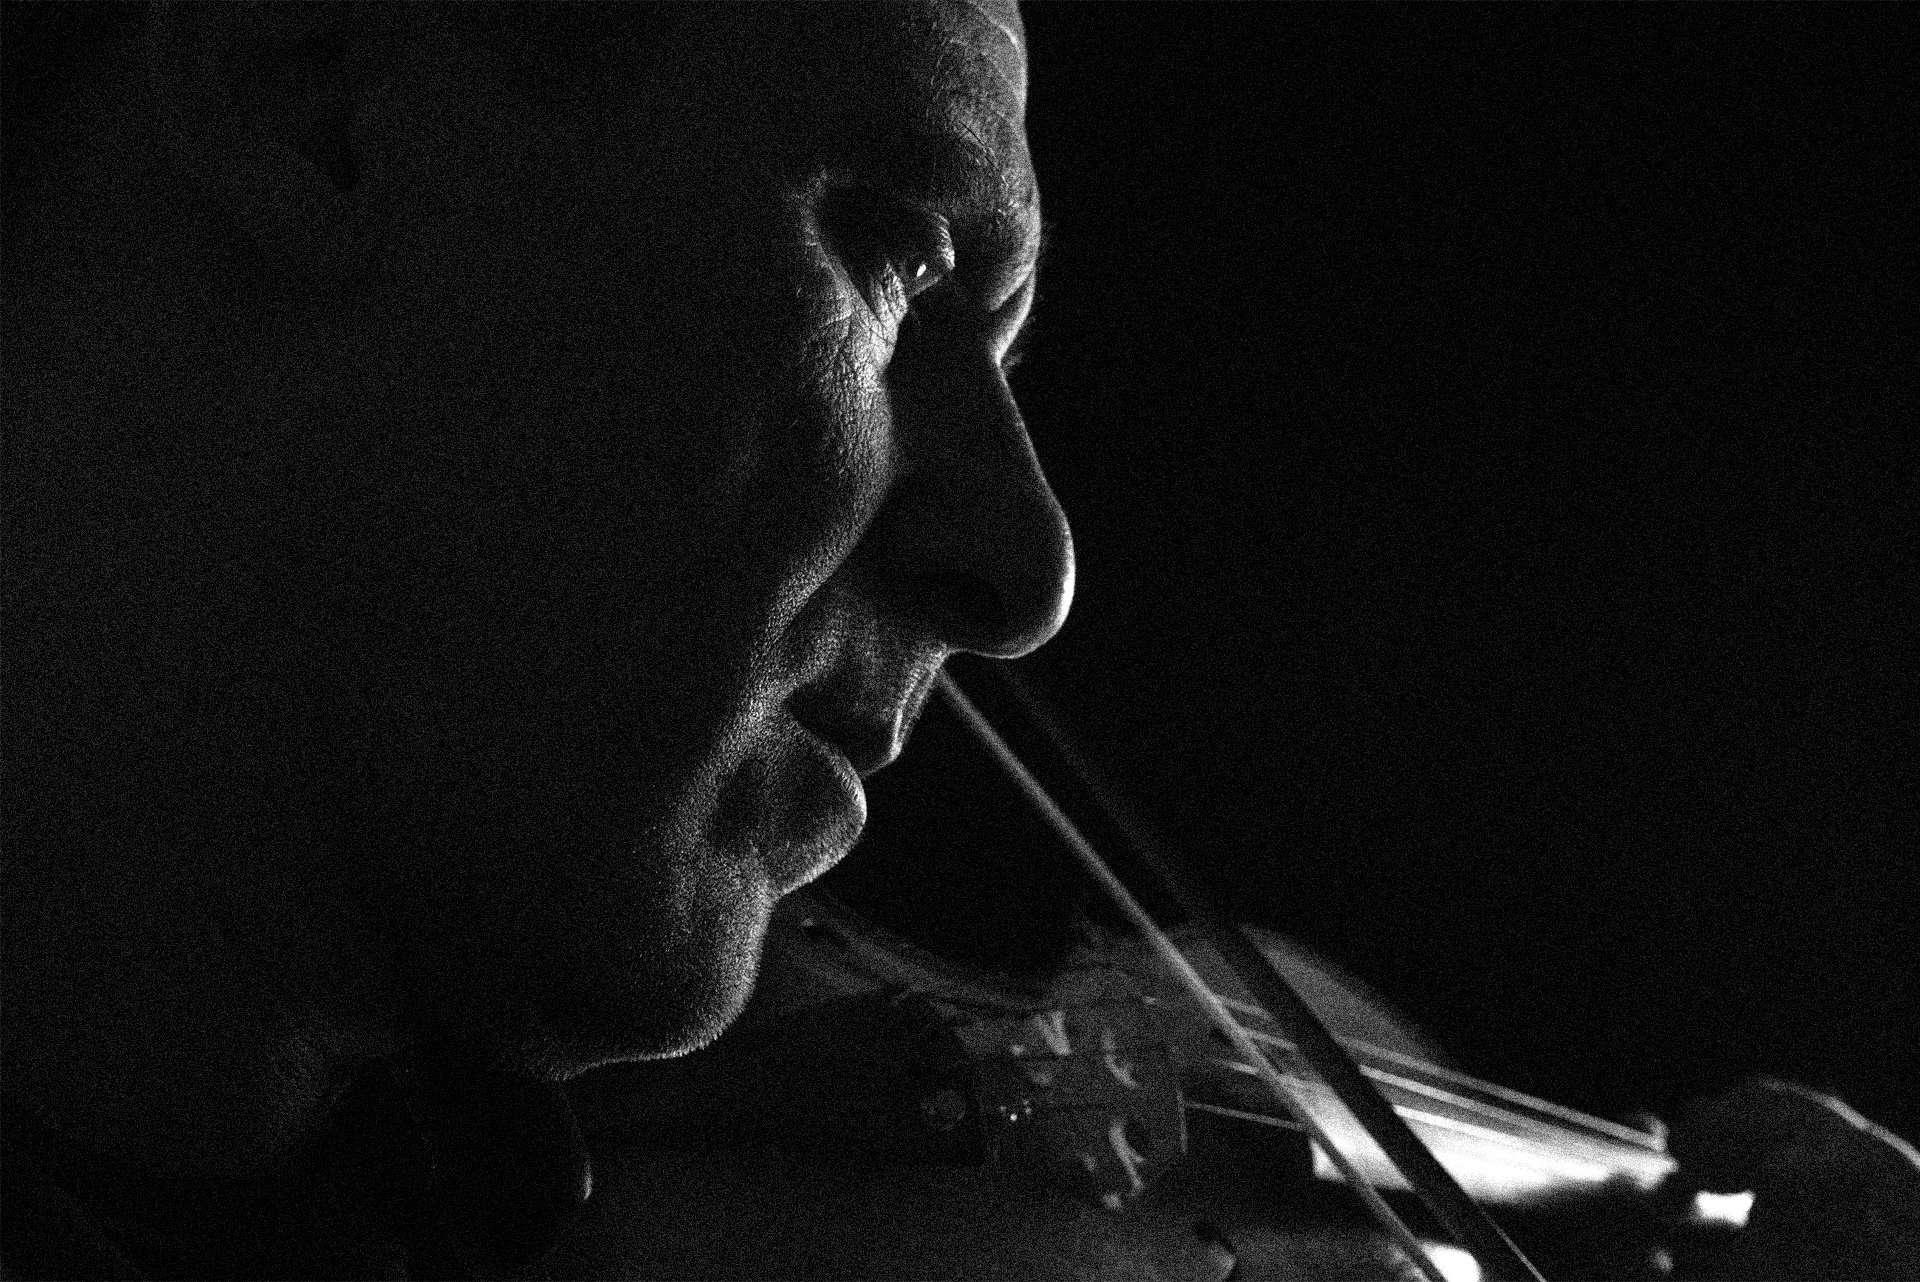 Fotografia ritratto violinista realizzata da Barbara Trincone Fotografo professionista a Napoli specializzata in fotografia musicale, ritratti per artisti, gruppi, attori, cantanti, musicisti e performer